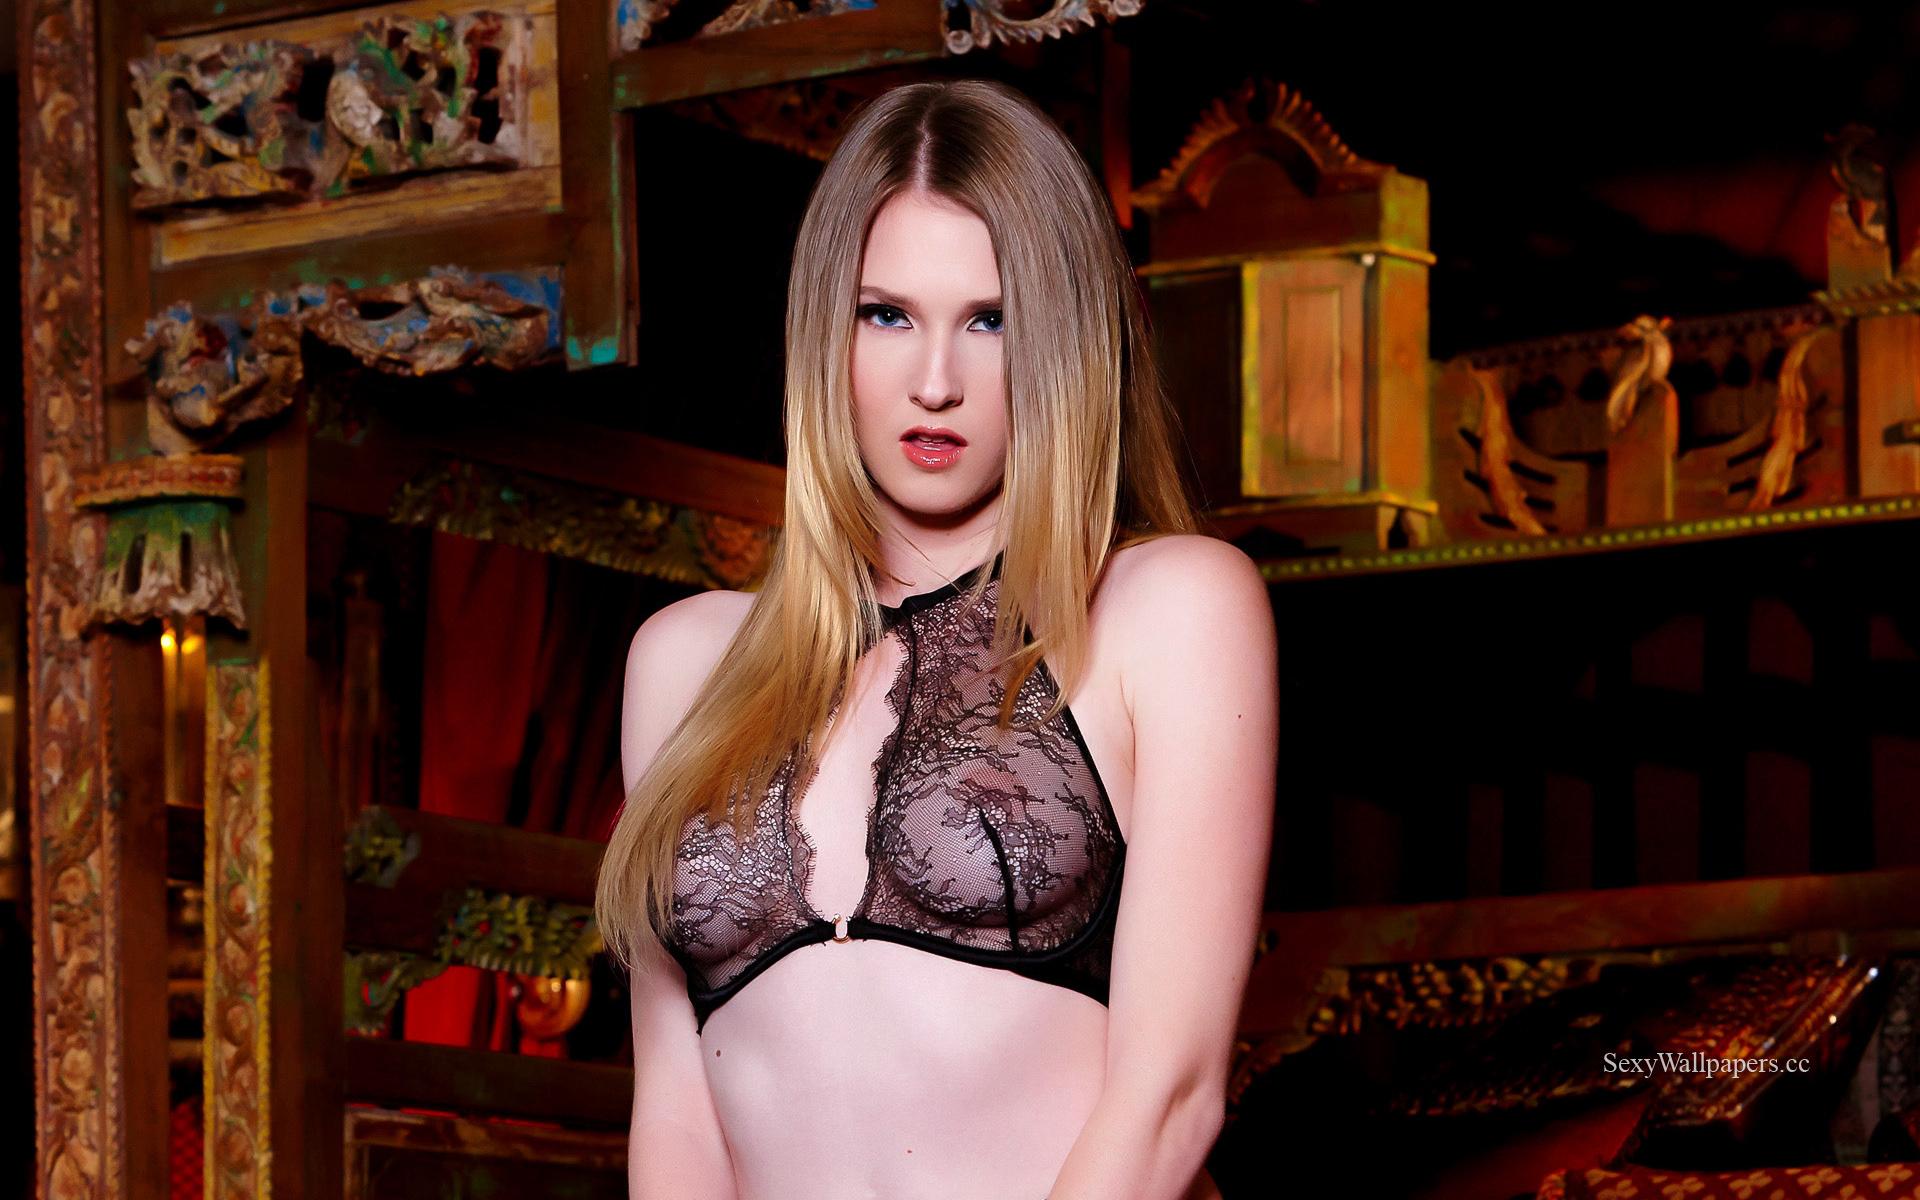 Ashley Lane sexy wallpaper 1920x1200